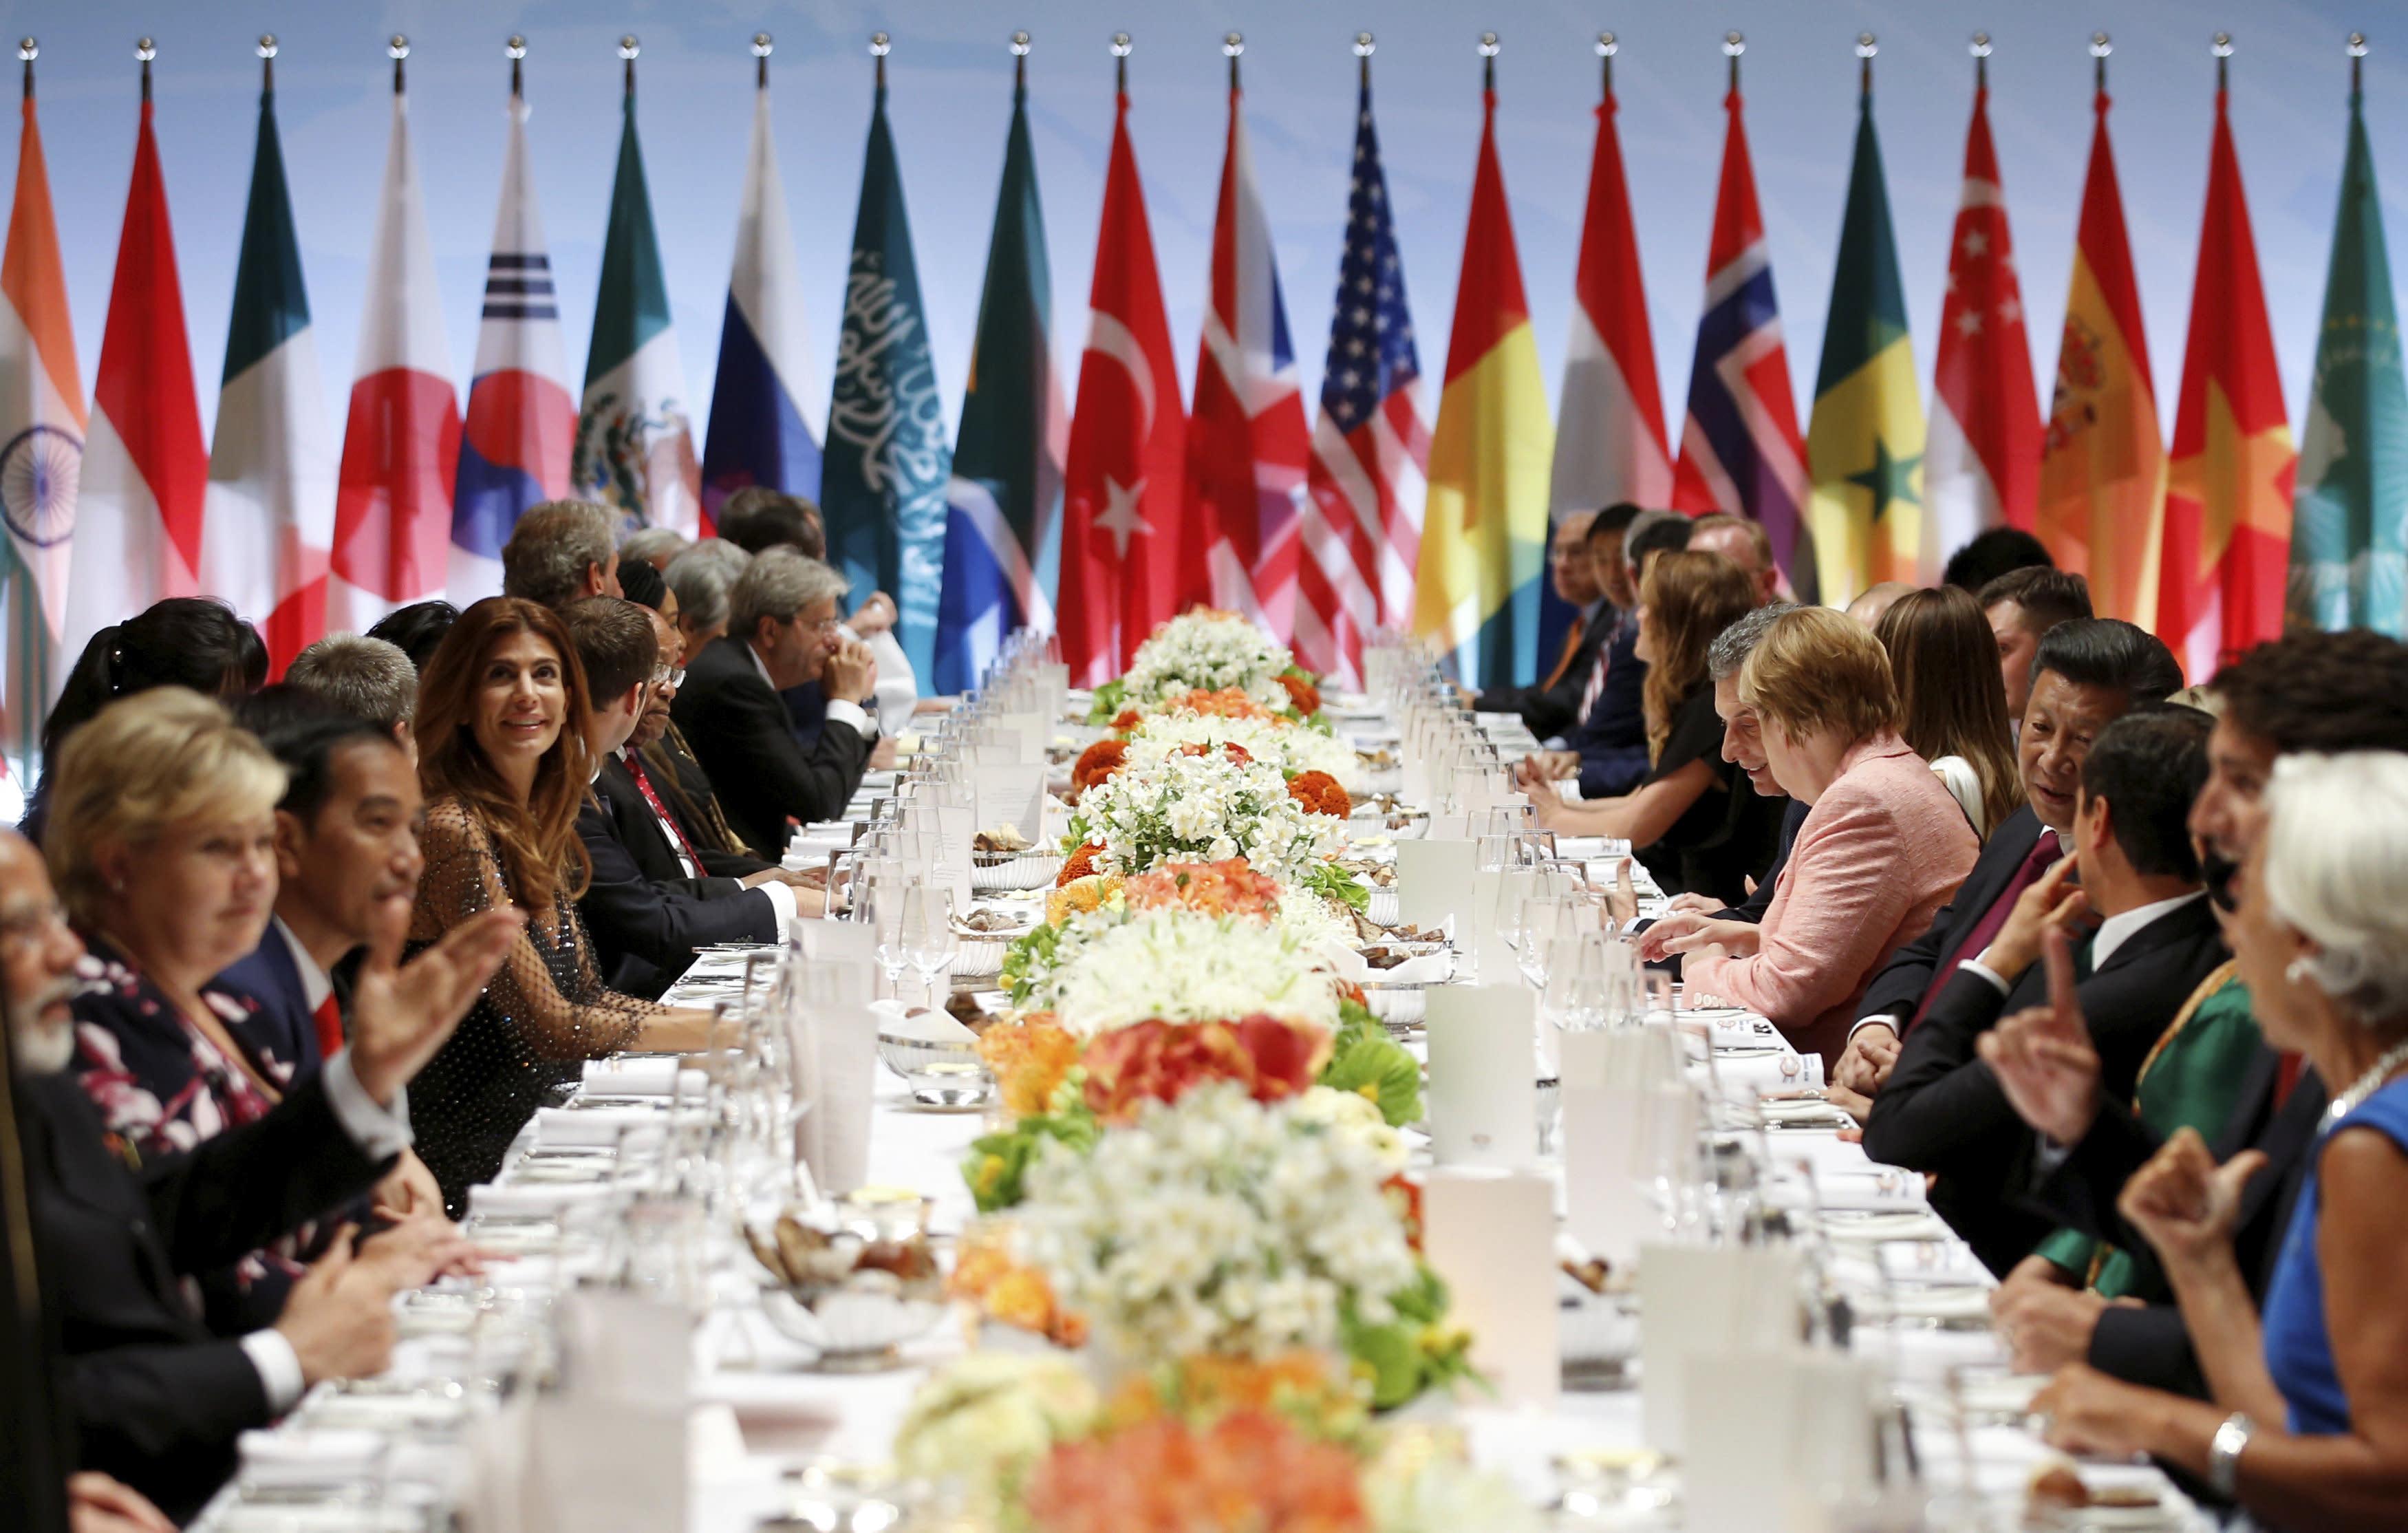 Lịch sử G20 đã manh nha trước cuộc họp thượng đỉnh Cologne của G7 năm 1999 nhưng được thành lập chính thức ở hội nghị Bộ